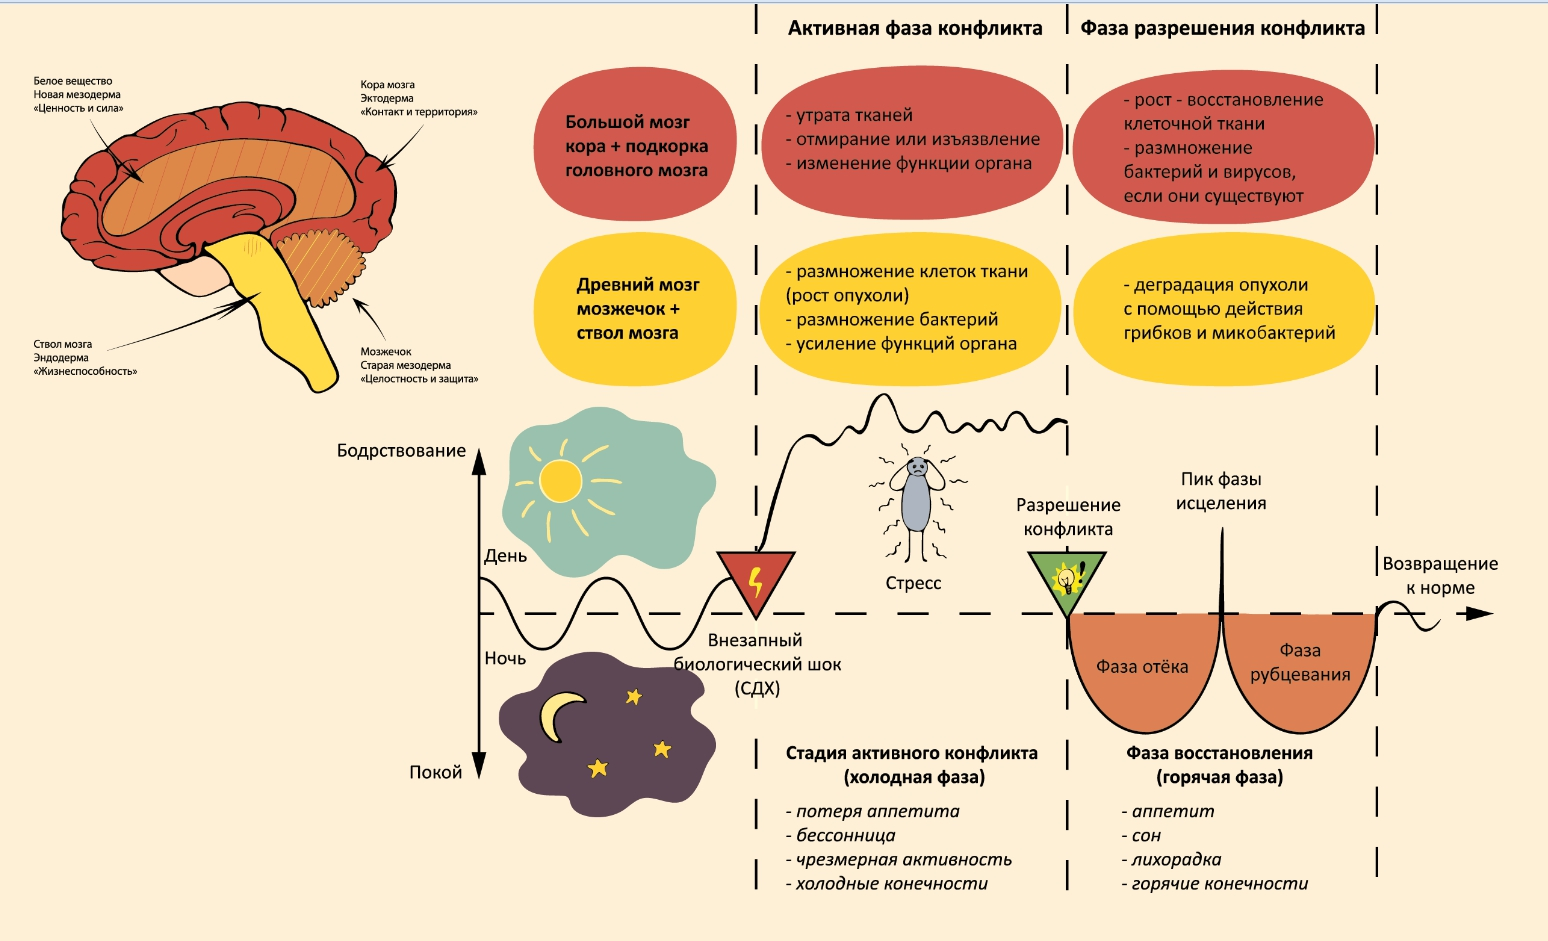 Схема германской новой медицины